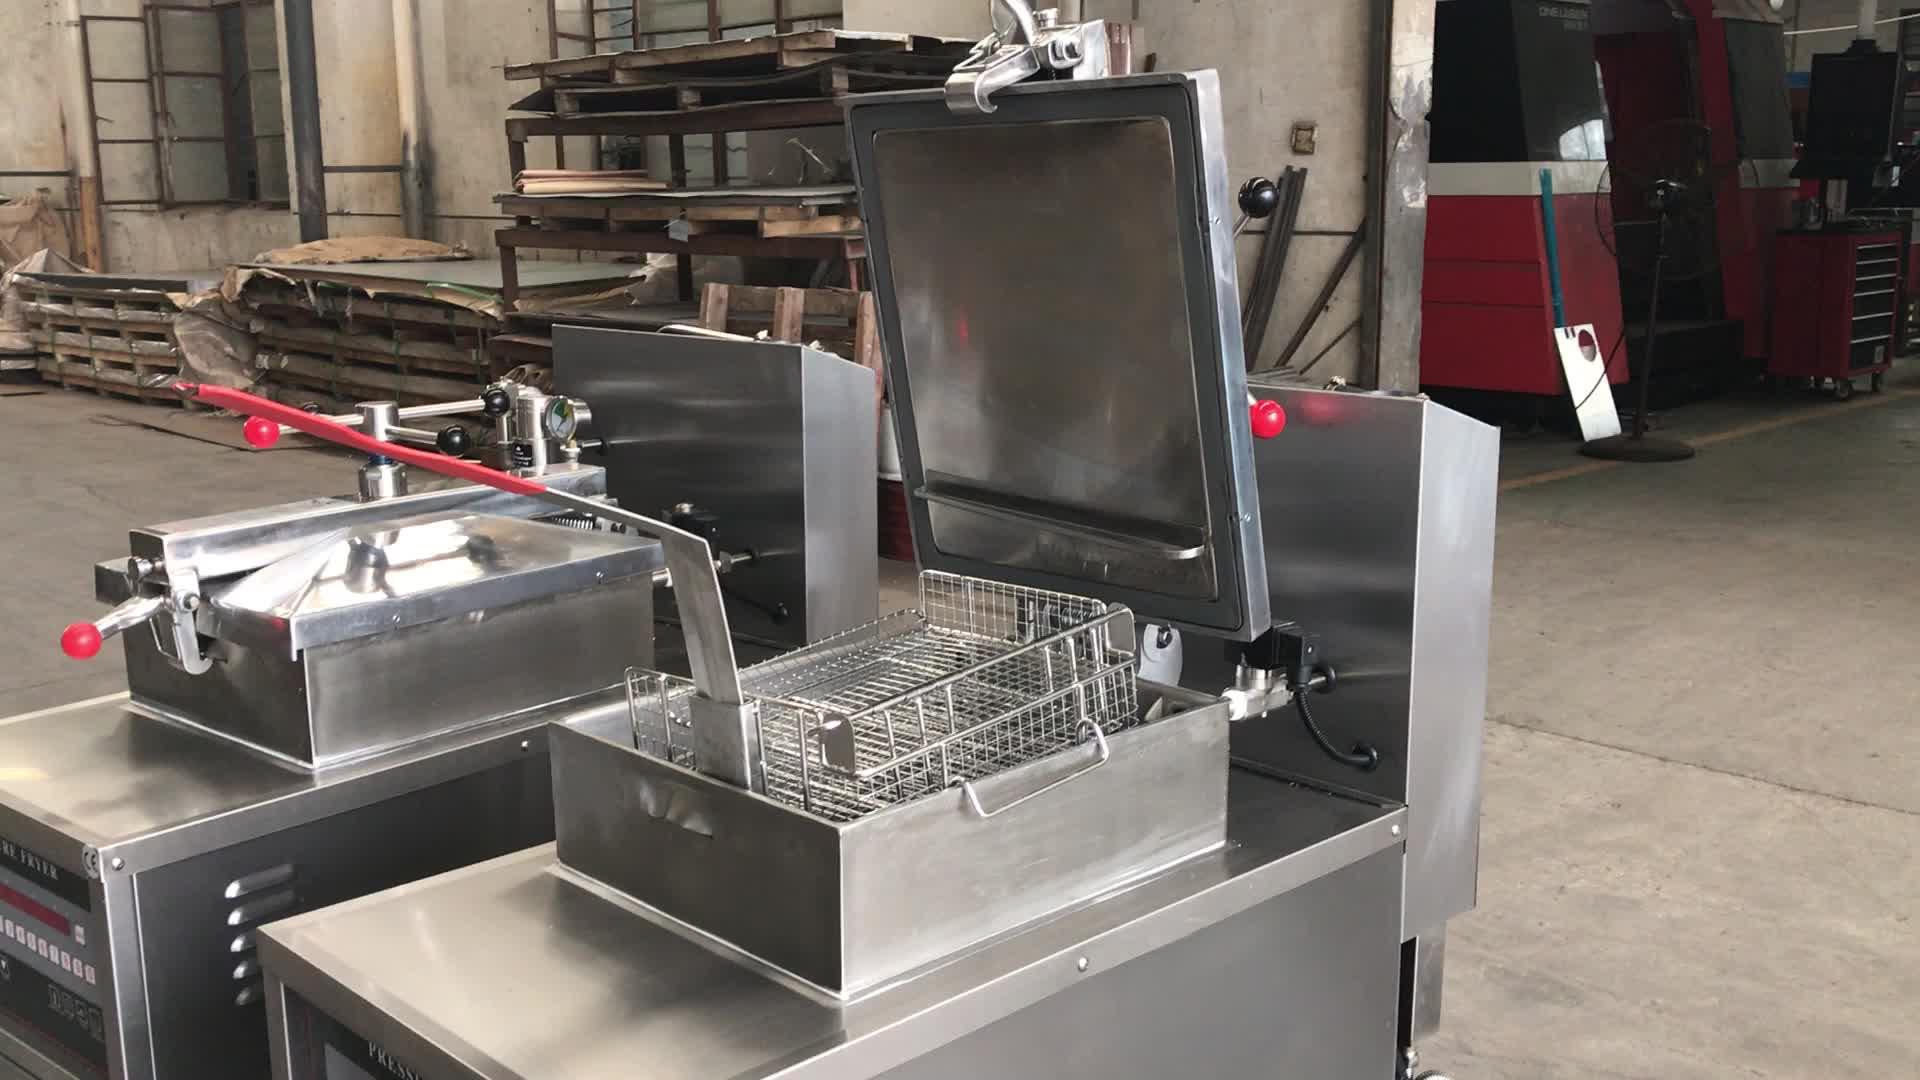 Henny Penny Kfc Chicken Pressure Fryer Machine